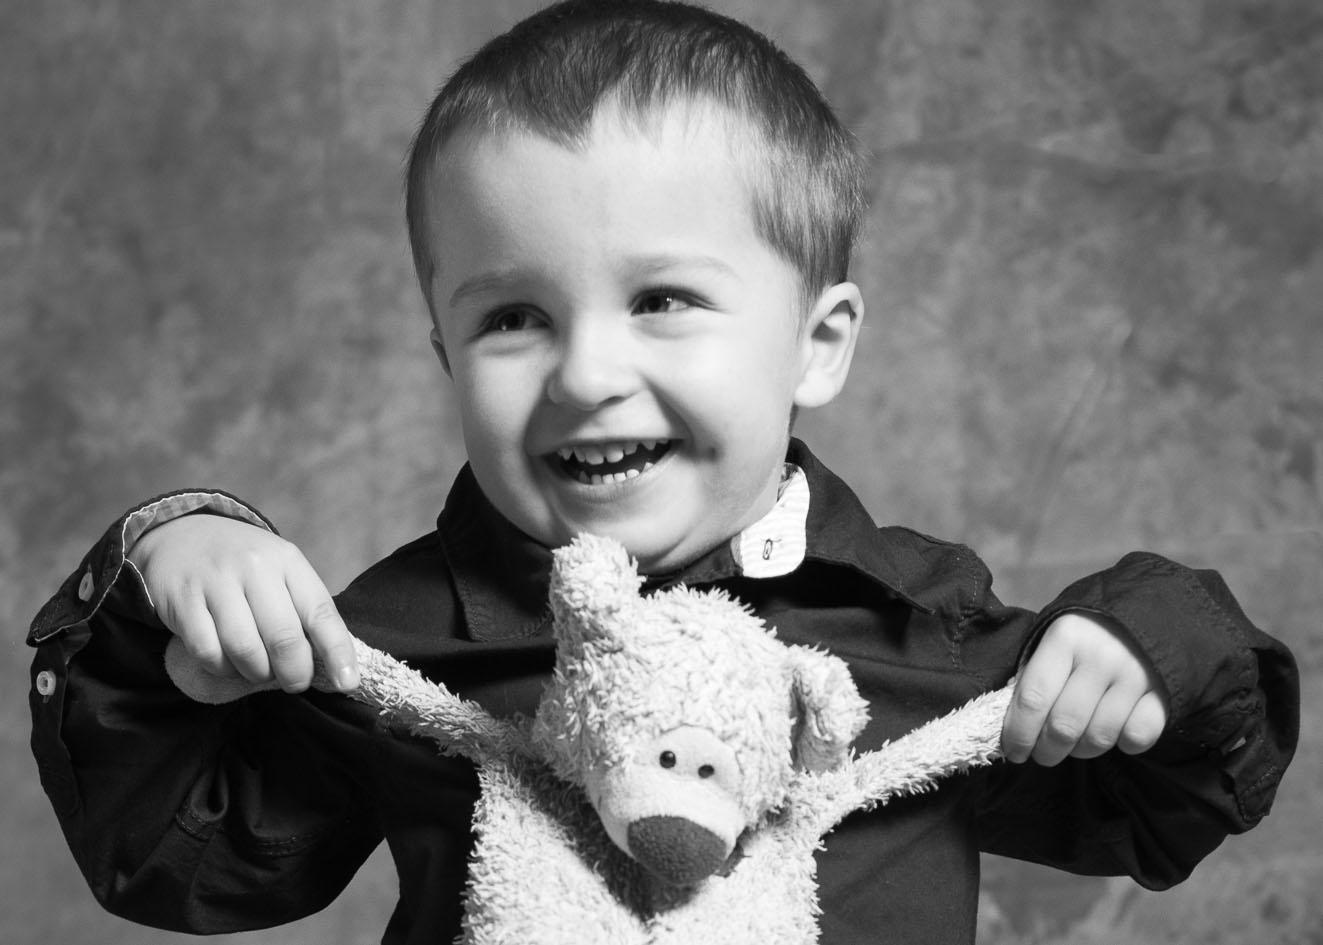 Rodinný fotograf Praha - Dětská portrétní fotografie